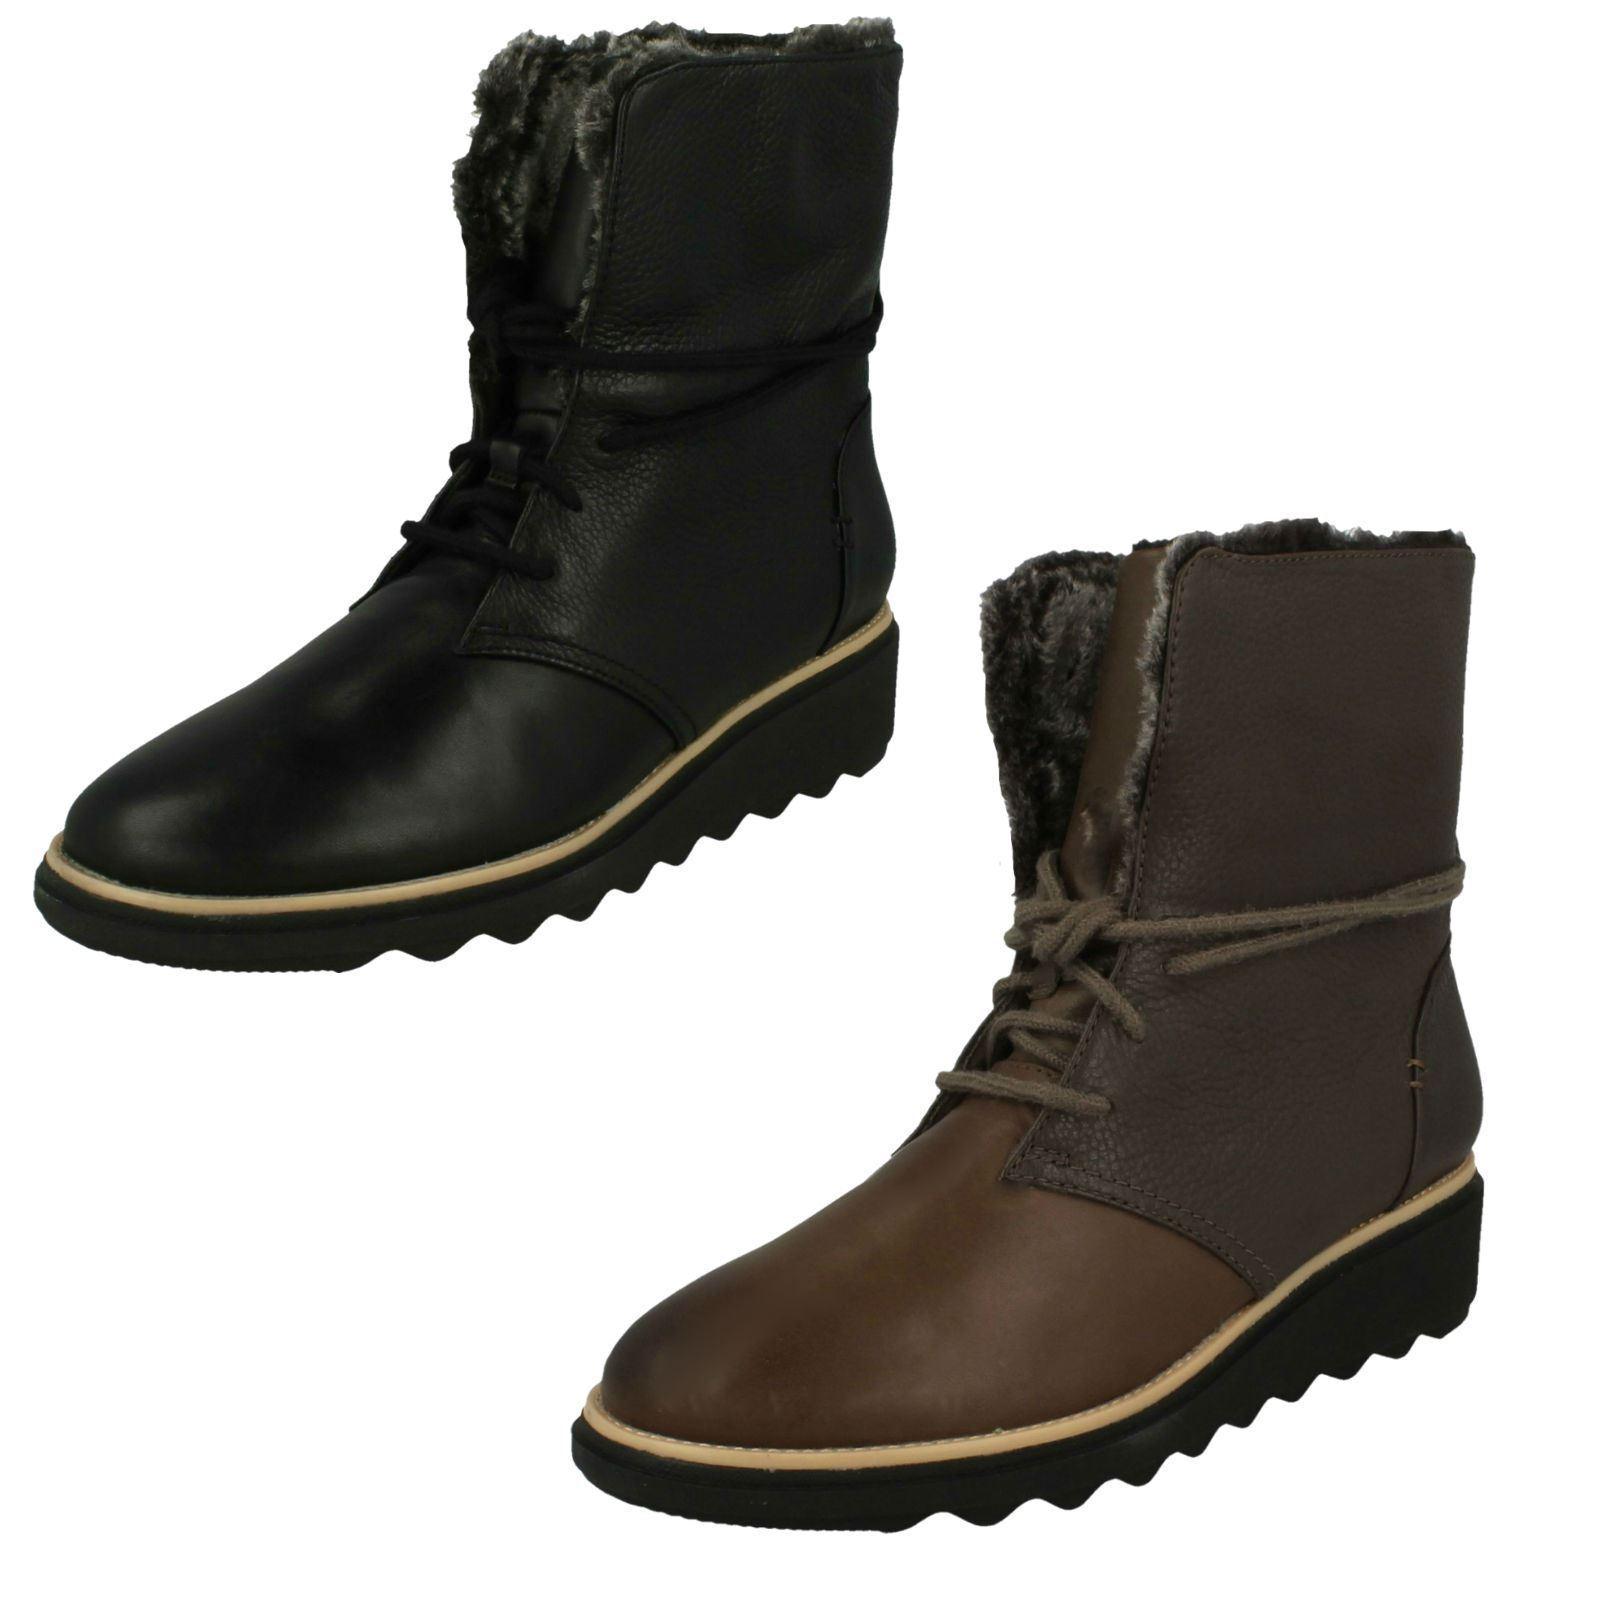 100% garantía genuina de contador Clarks botas de invierno señoras Sharon Perla Perla Perla  tienda de venta